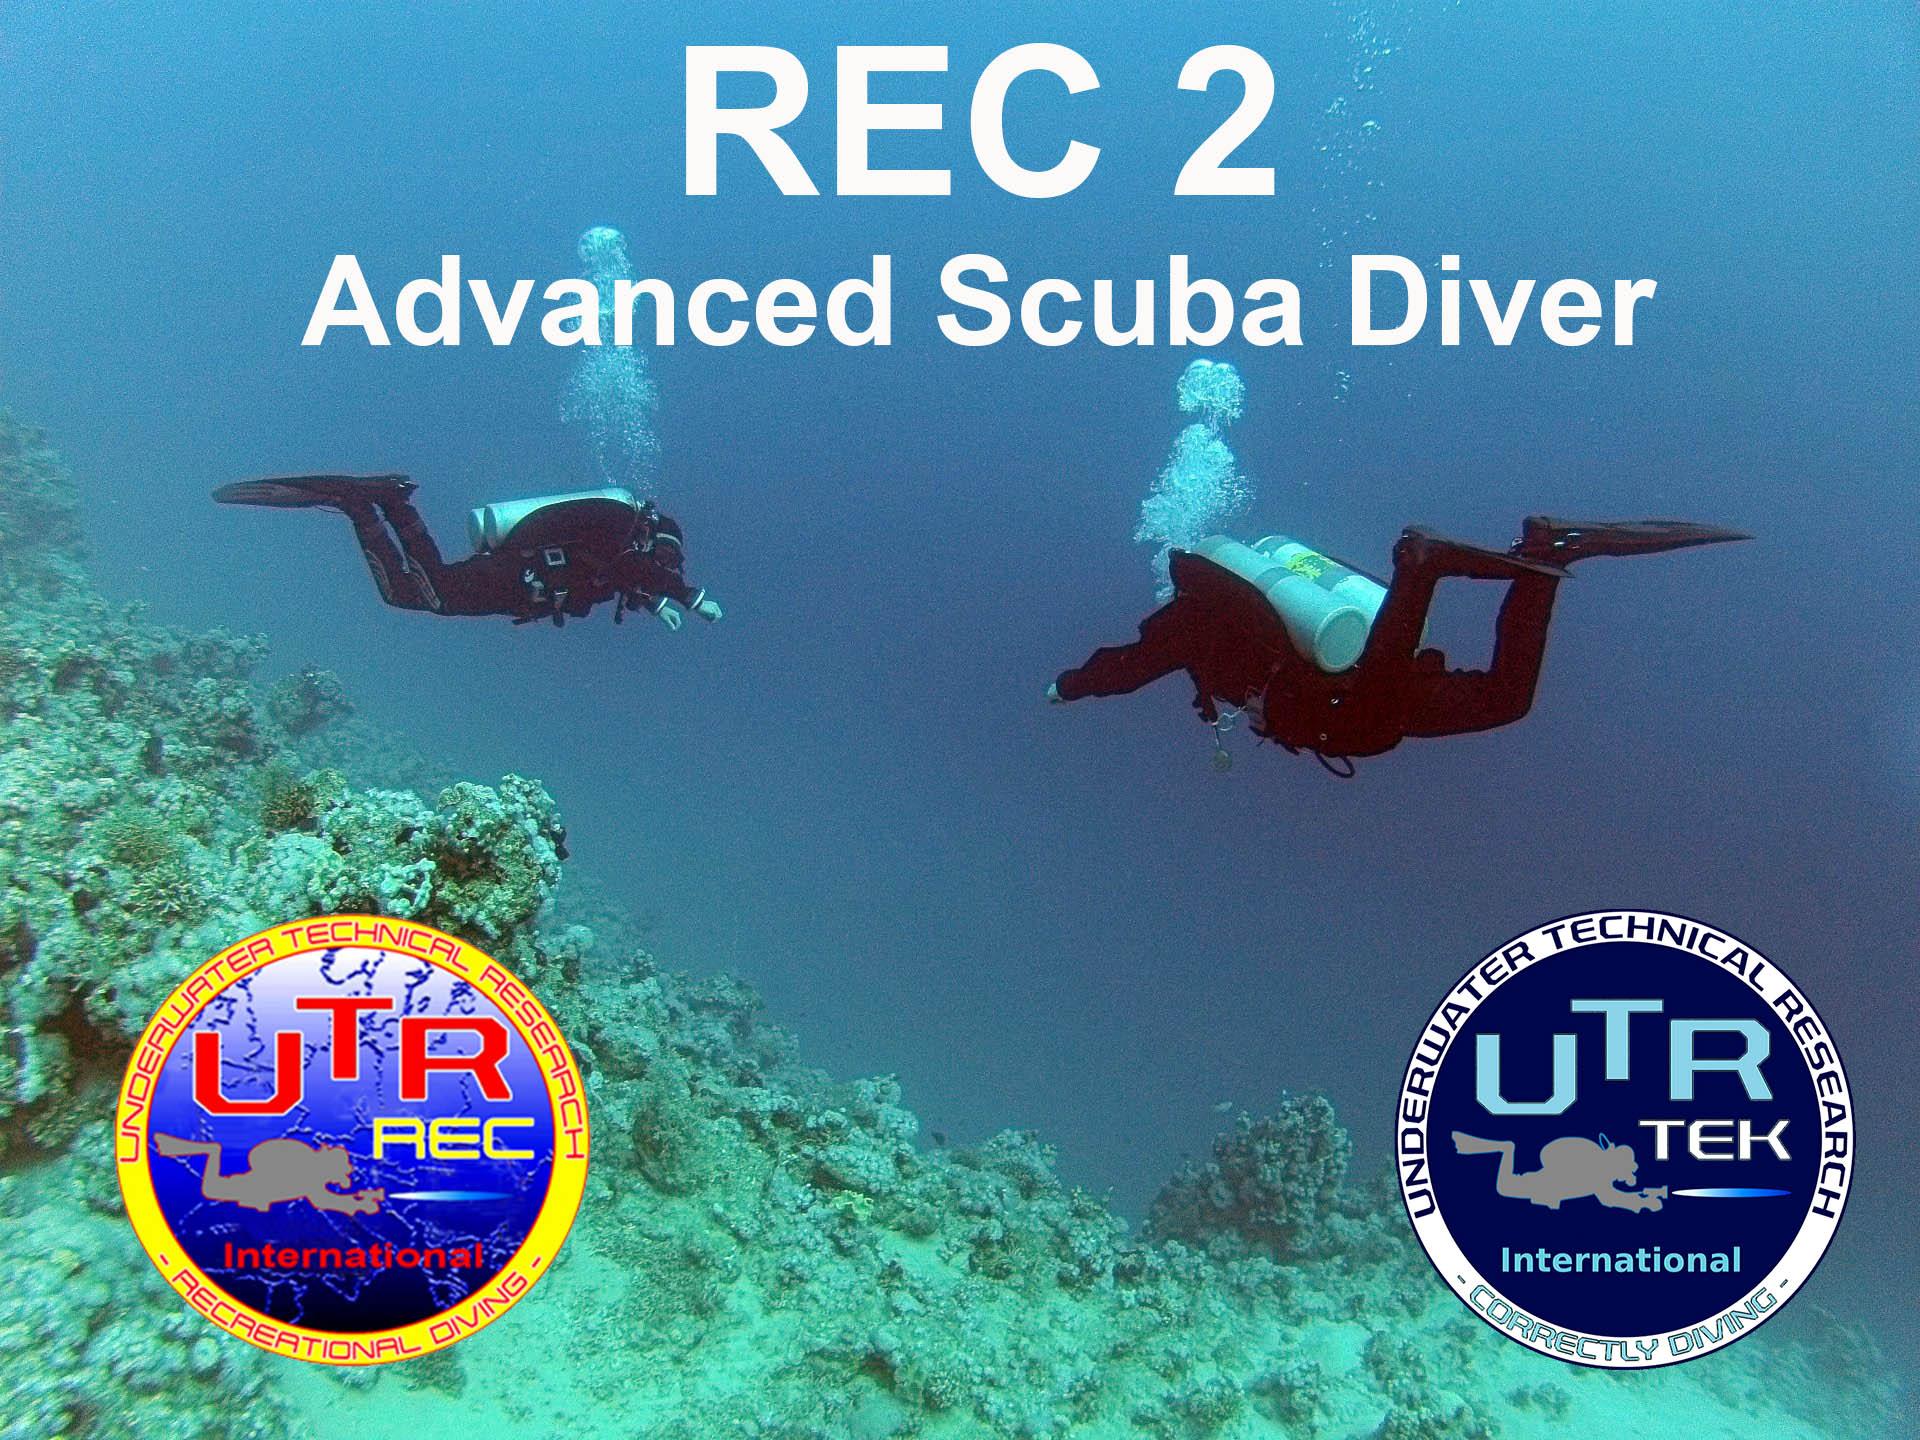 REC 2 - ADVANCED SCUBA DIVER